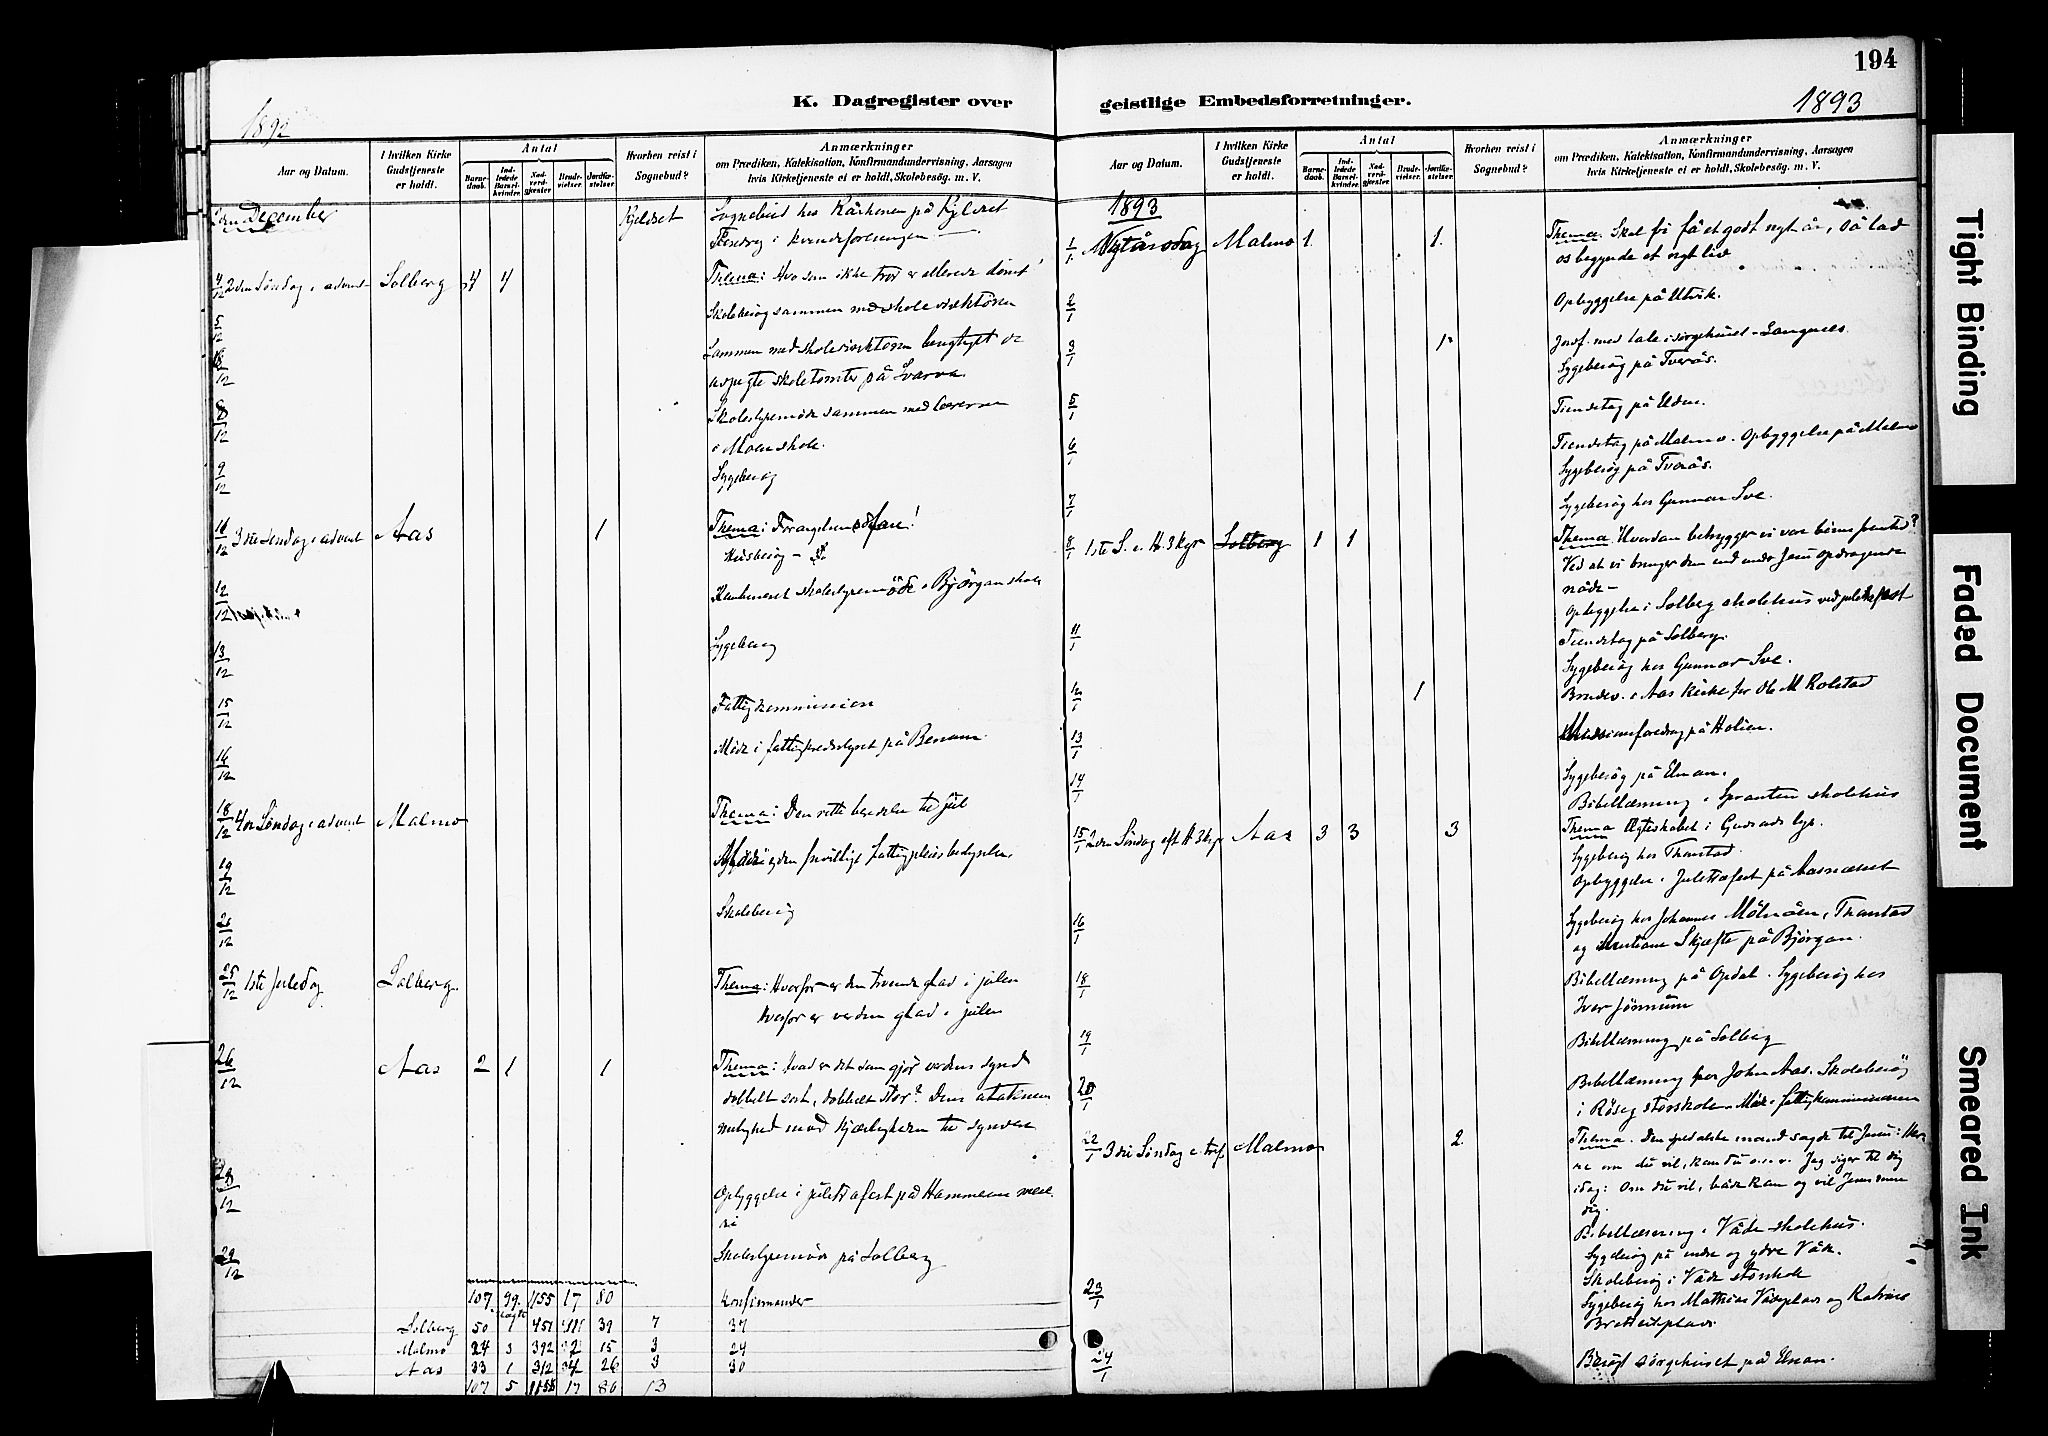 SAT, Ministerialprotokoller, klokkerbøker og fødselsregistre - Nord-Trøndelag, 741/L0396: Ministerialbok nr. 741A10, 1889-1901, s. 194